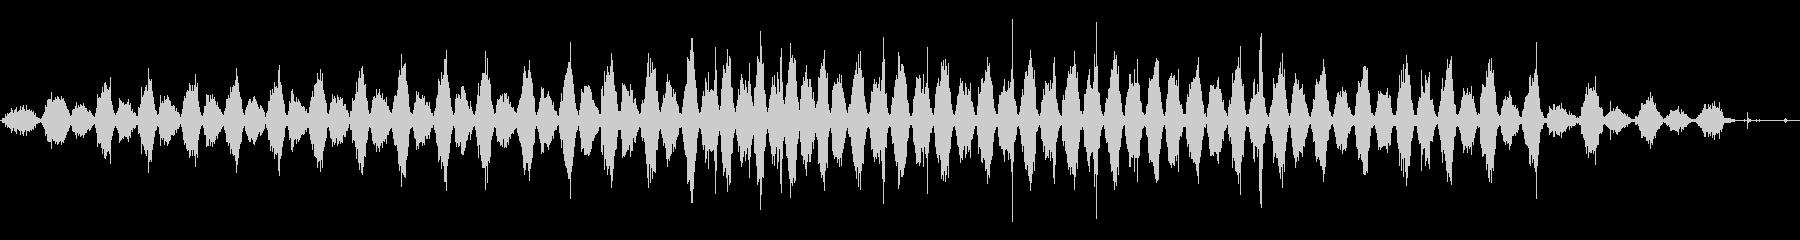 クロスカットソー:2 x 4のソー...の未再生の波形